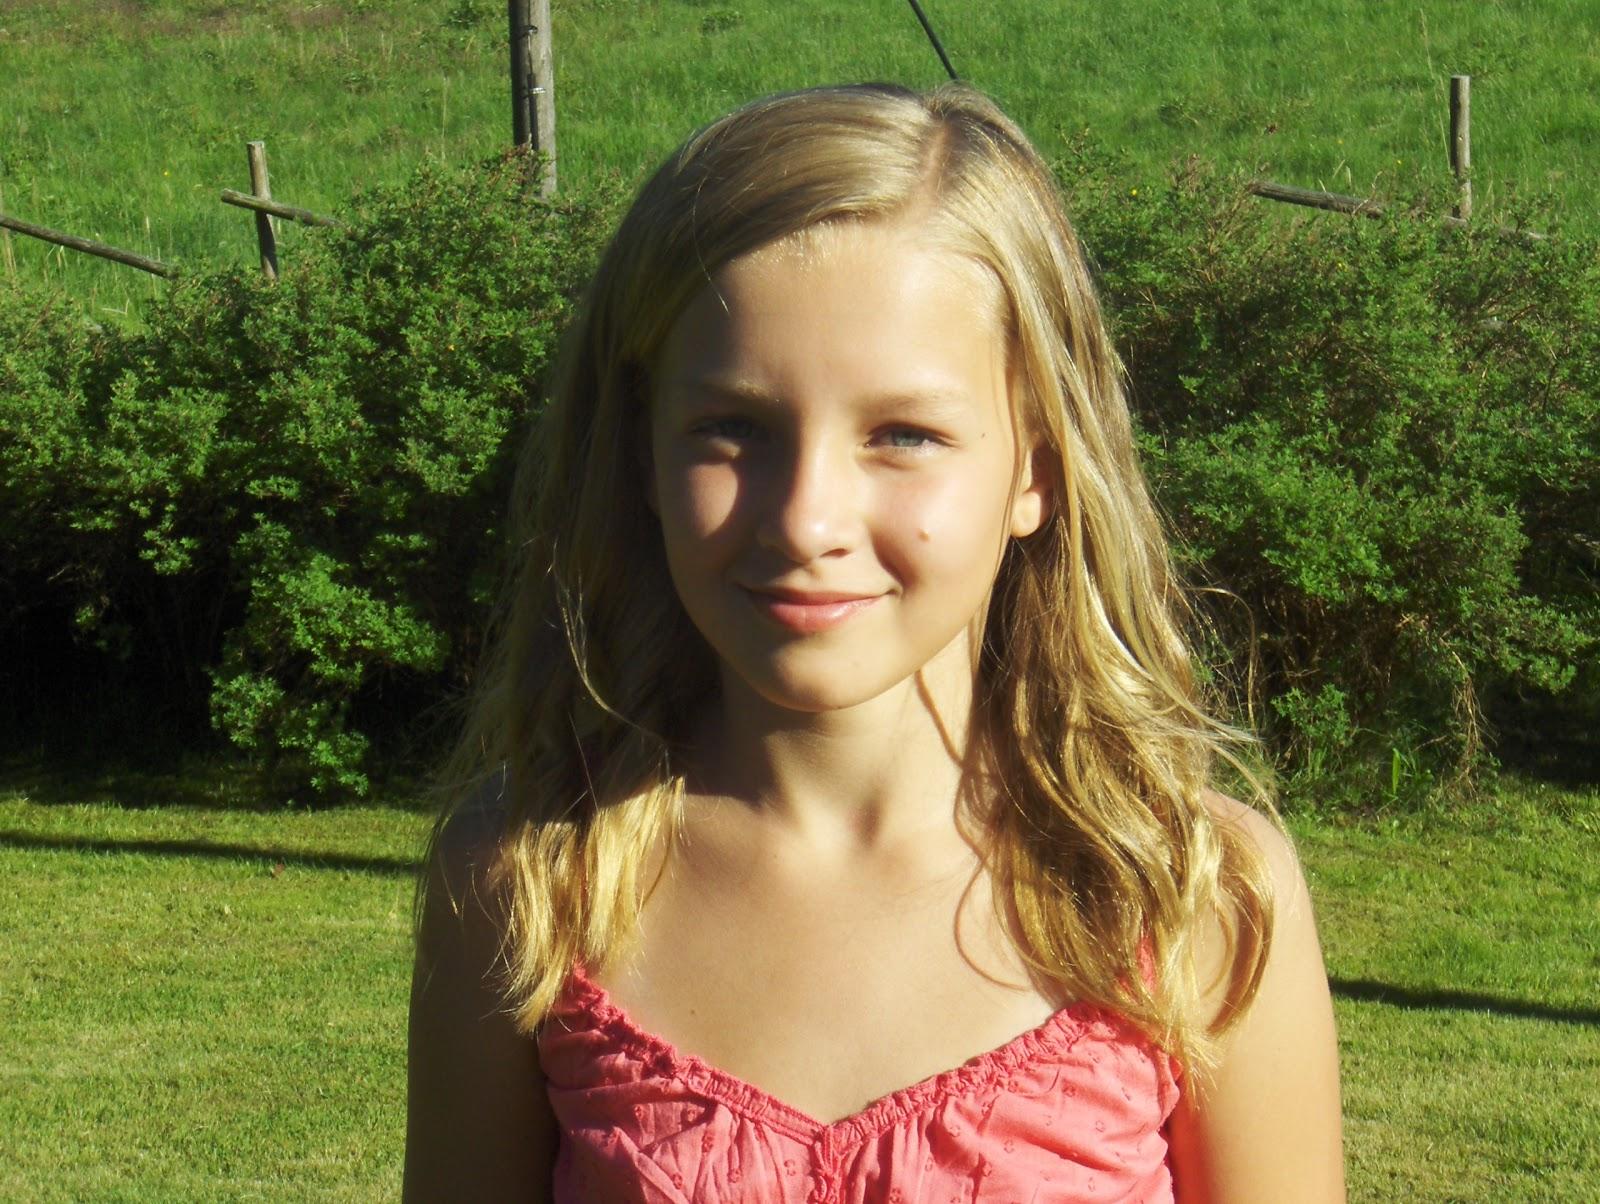 fyller 12 år Berit o Lennart: Agnes 12 år med sommarväder fyller 12 år